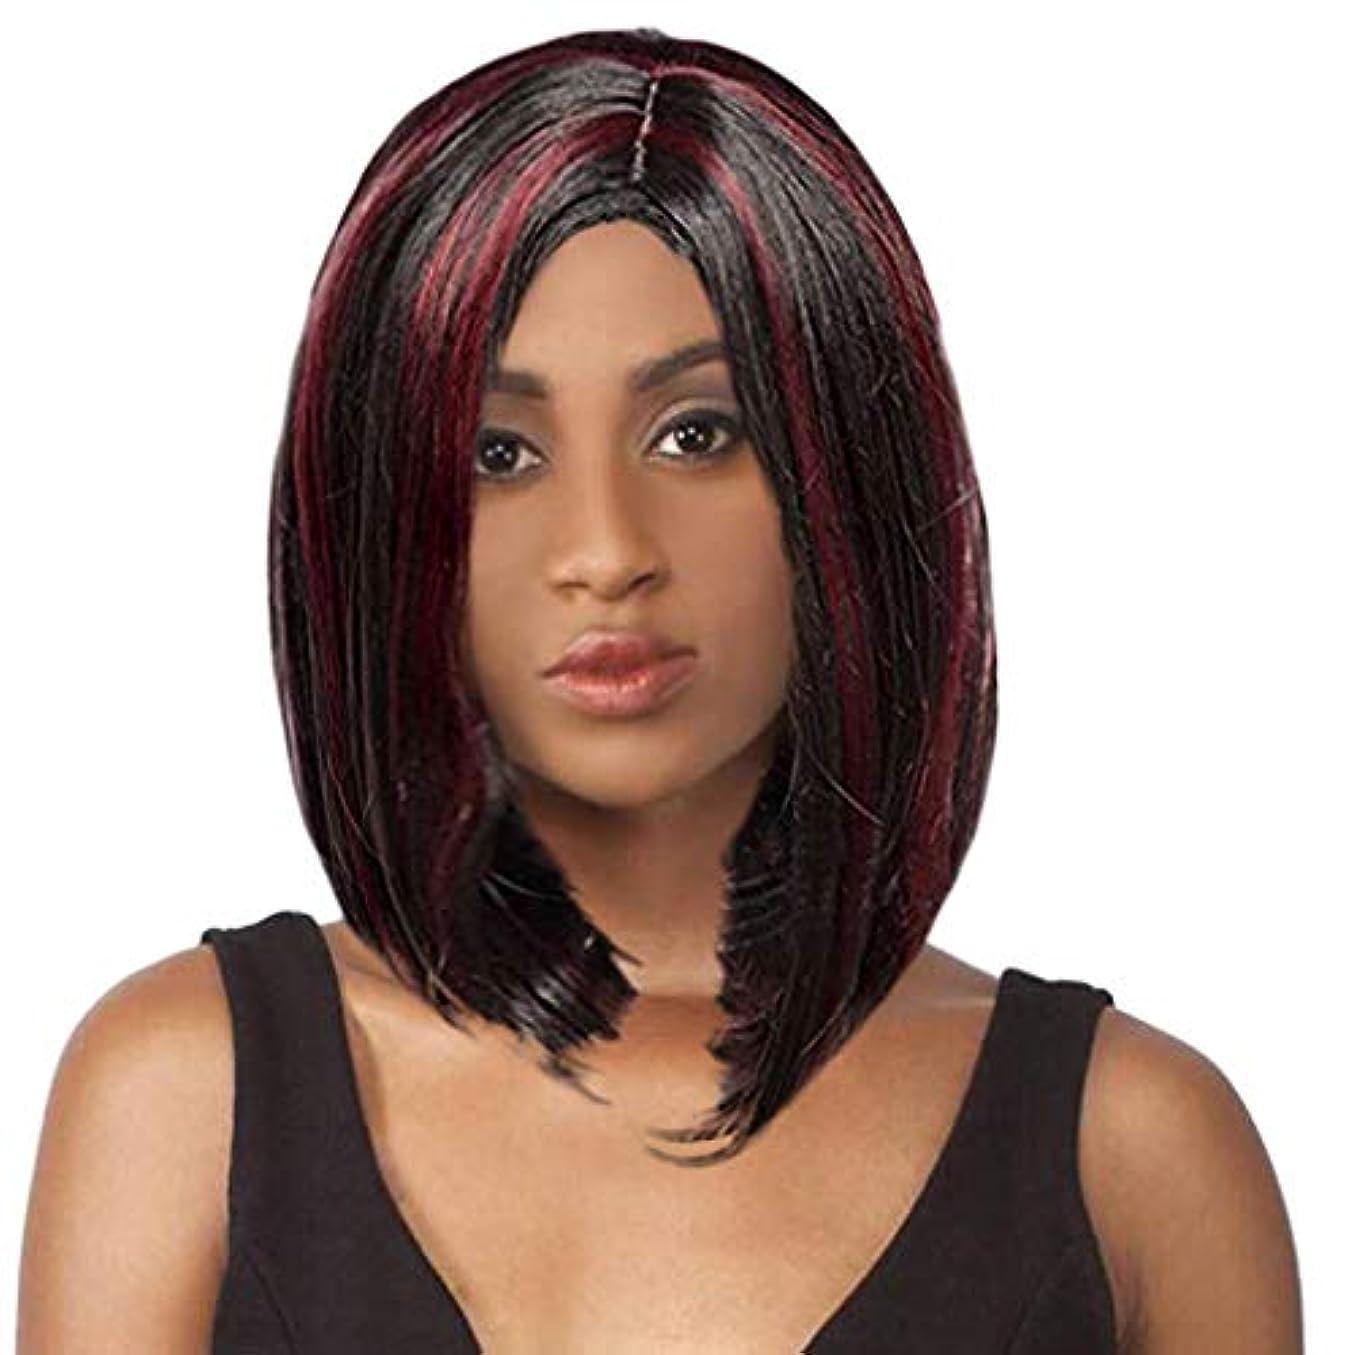 弱い戻る弱い女性の短いストレートヘアボブファッションかつら